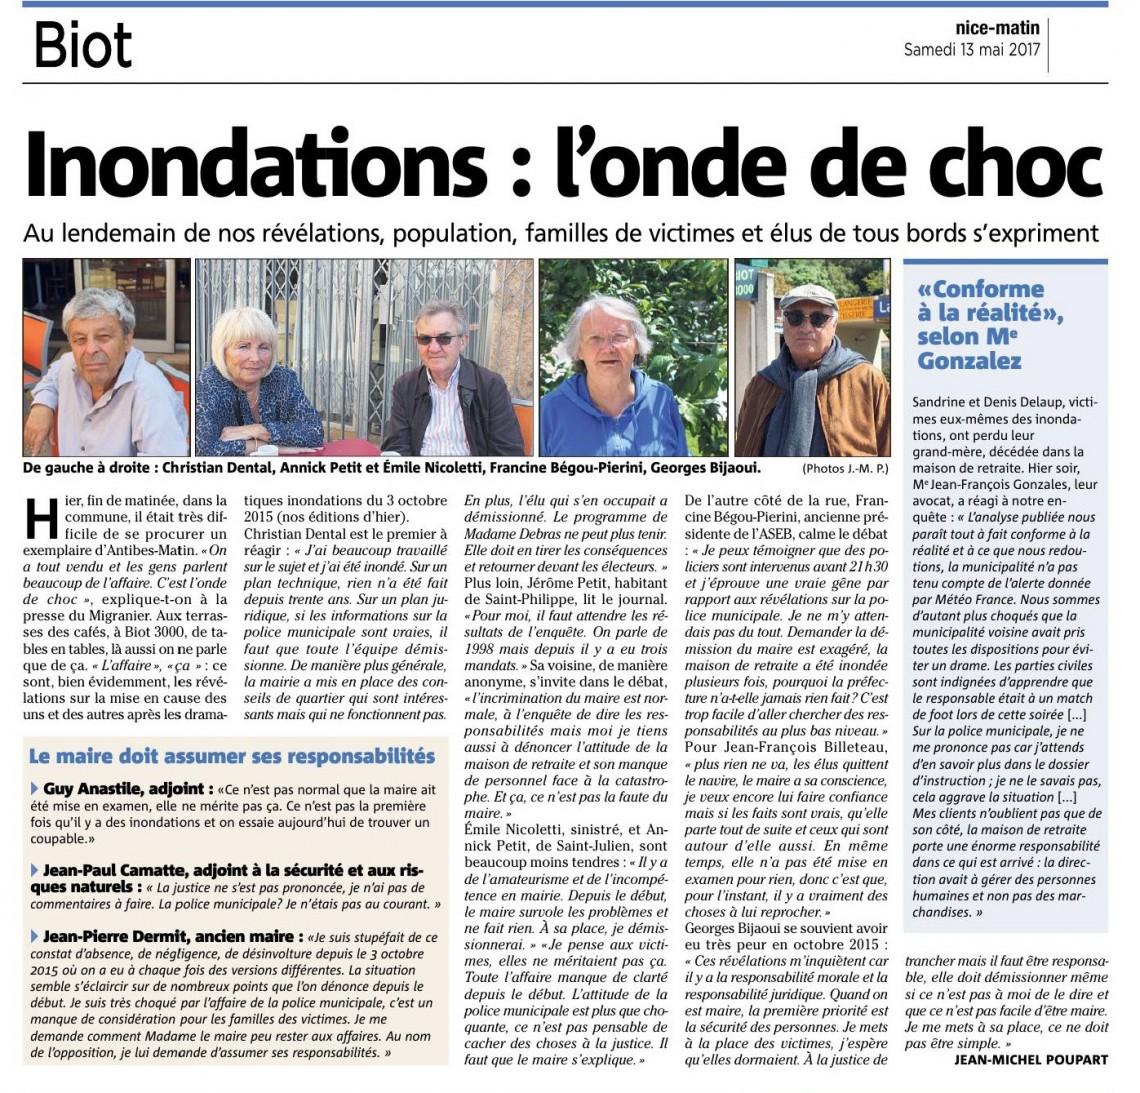 les biotois demandent la démission du conseil municipal - nice matin du 13 05 2017